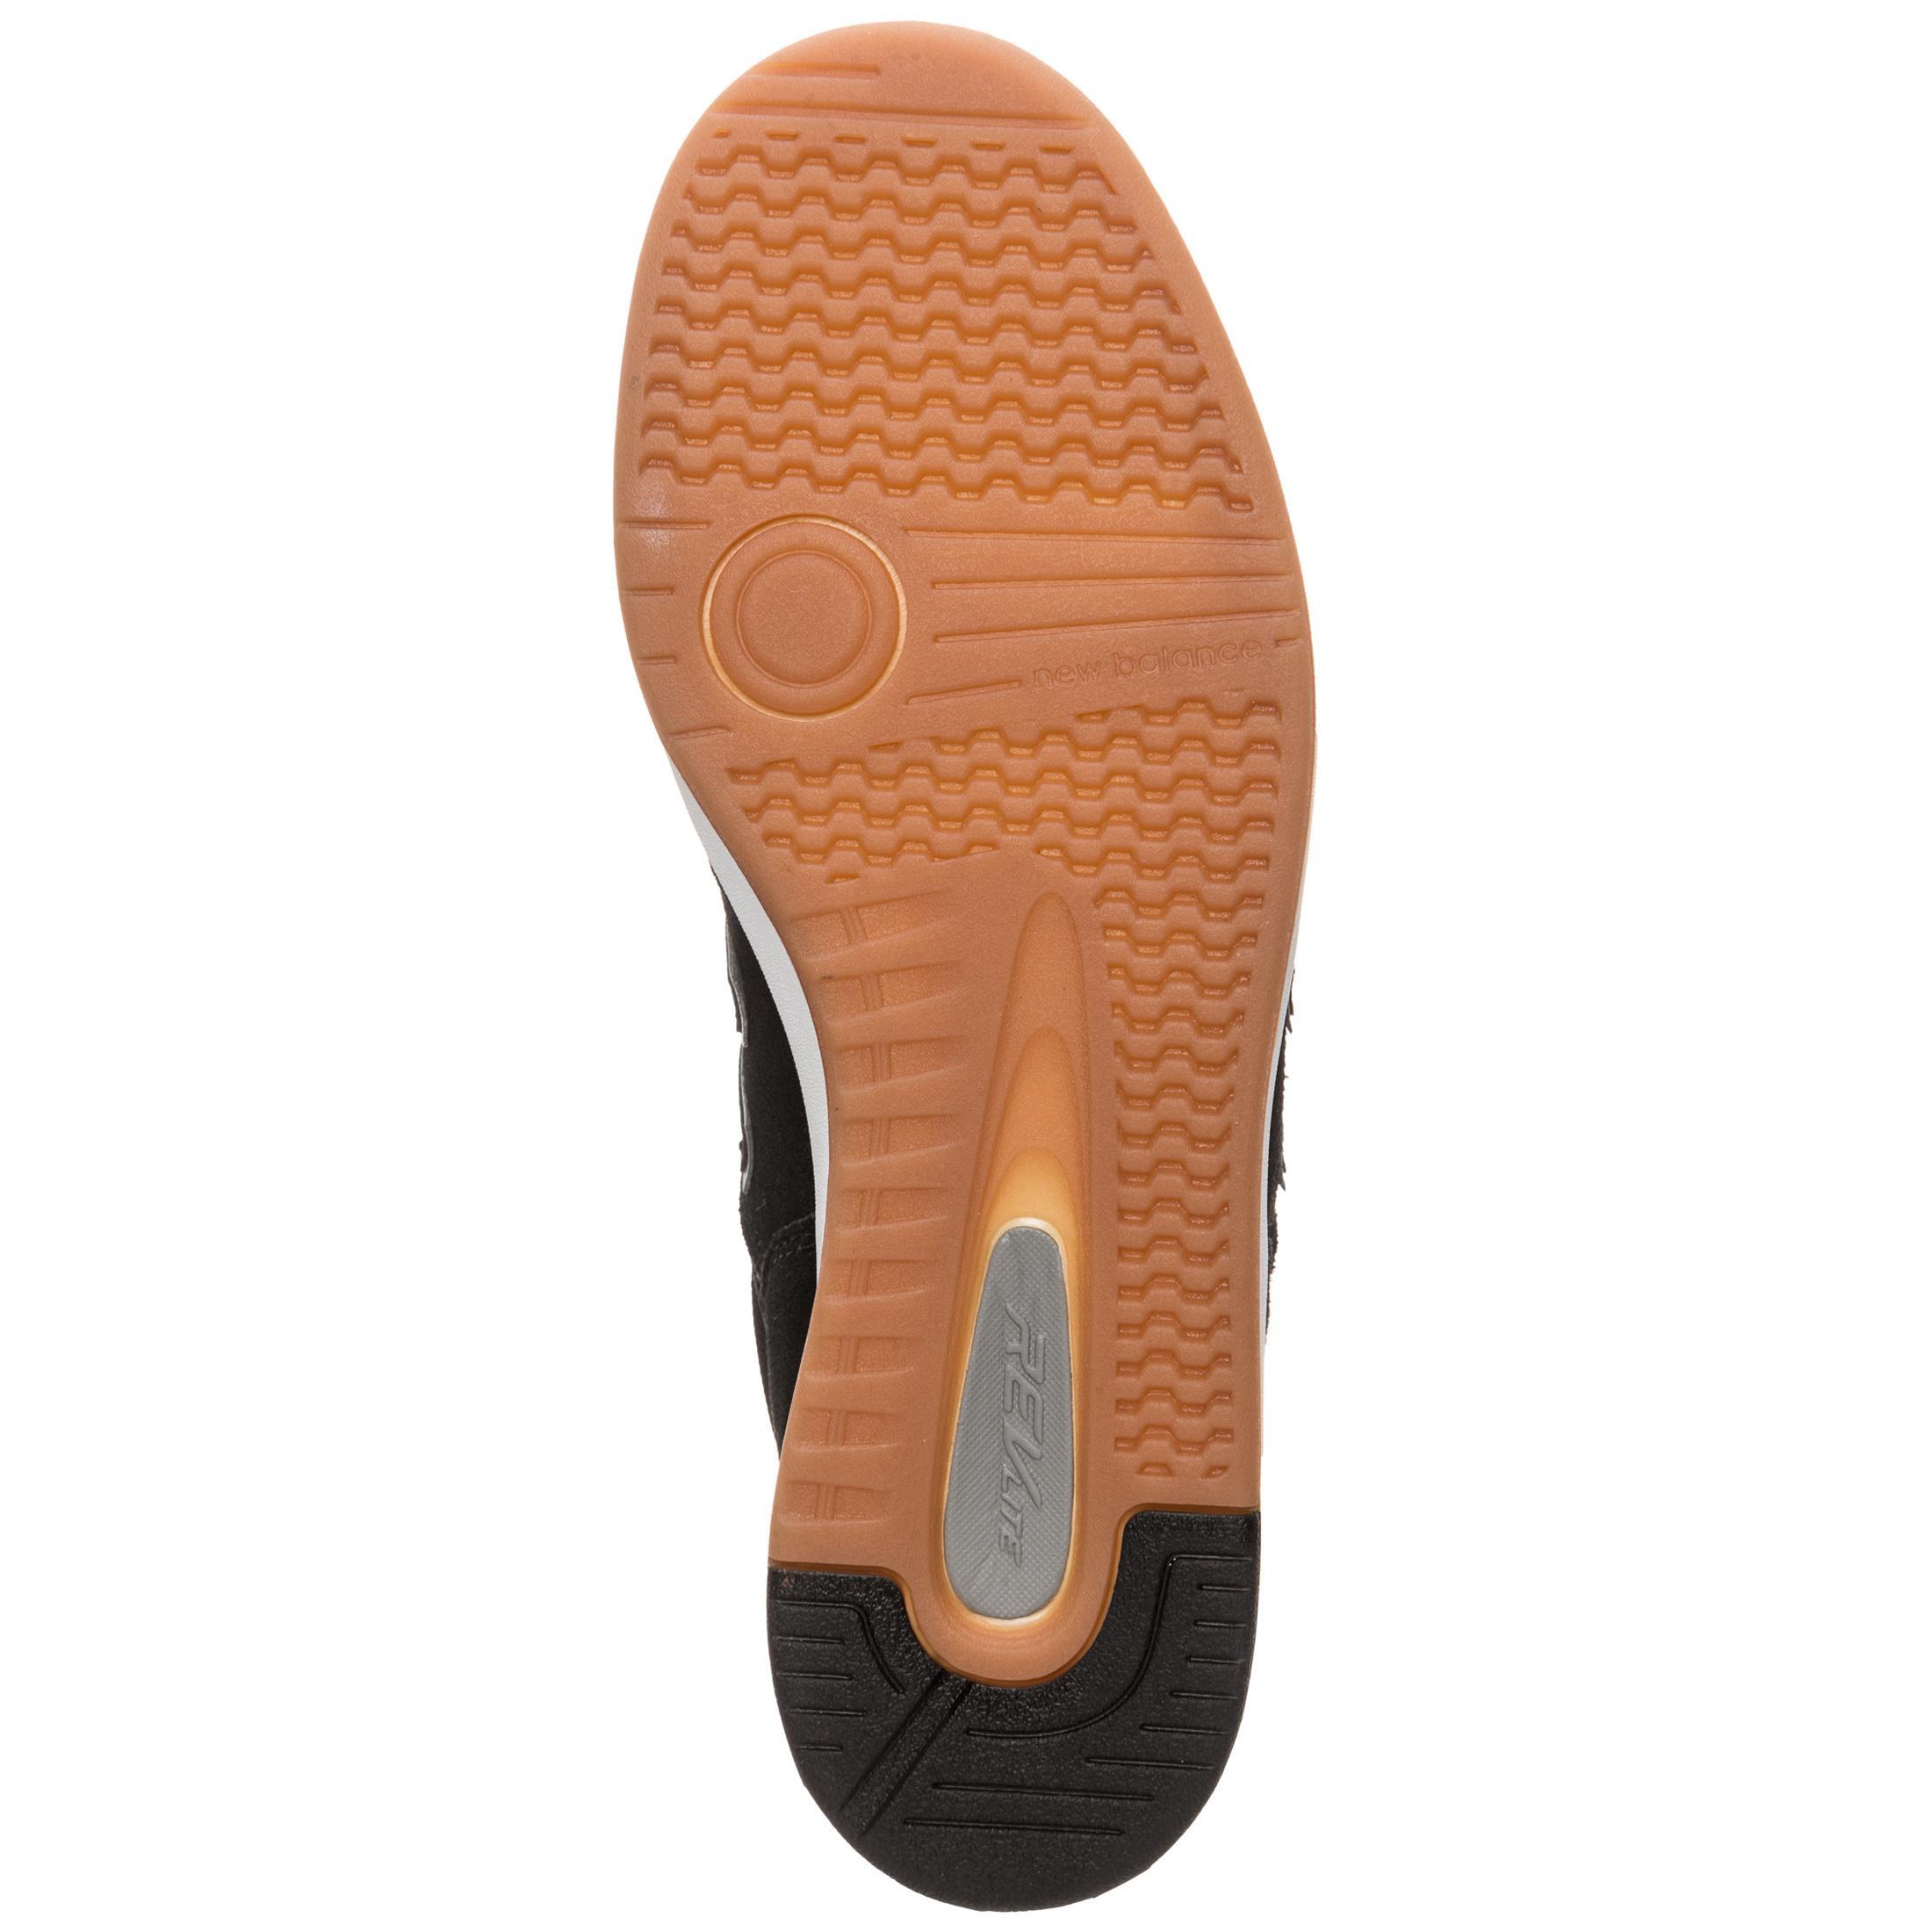 NEW BALANCE AM574-BLG-D Sneaker Herren Herren Herren schwarz / braun im Online Shop von SportScheck kaufen Gute Qualität beliebte Schuhe 411570